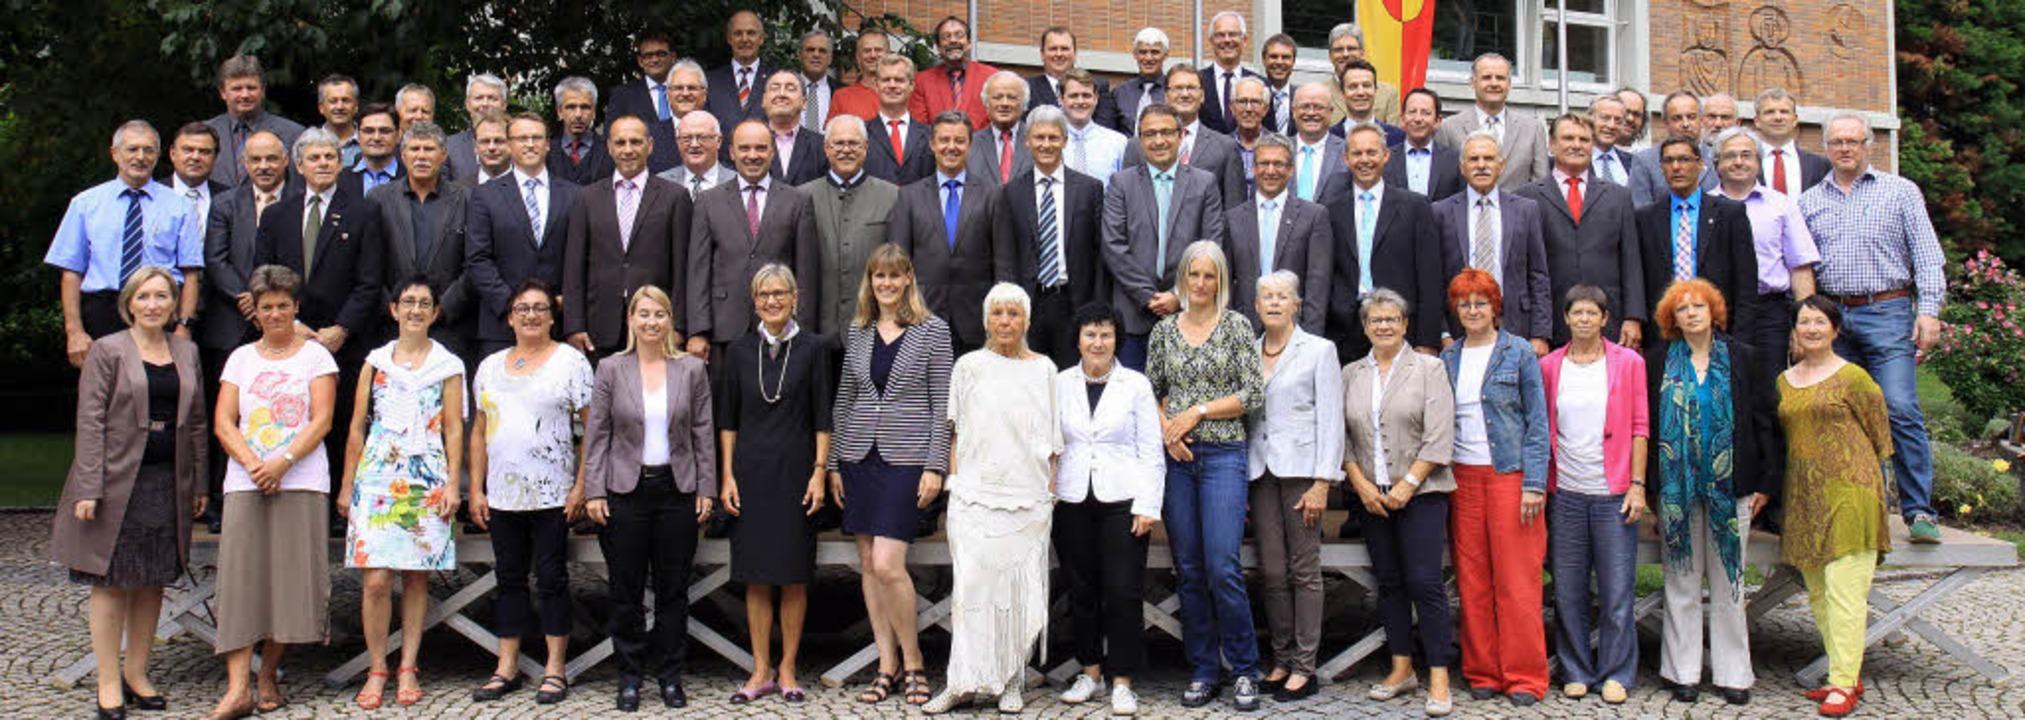 Gruppenbild mit Damen: der neue Kreist... Landkreises Breisgau-Hochschwarzwald   | Foto: Kreismedienzentrum